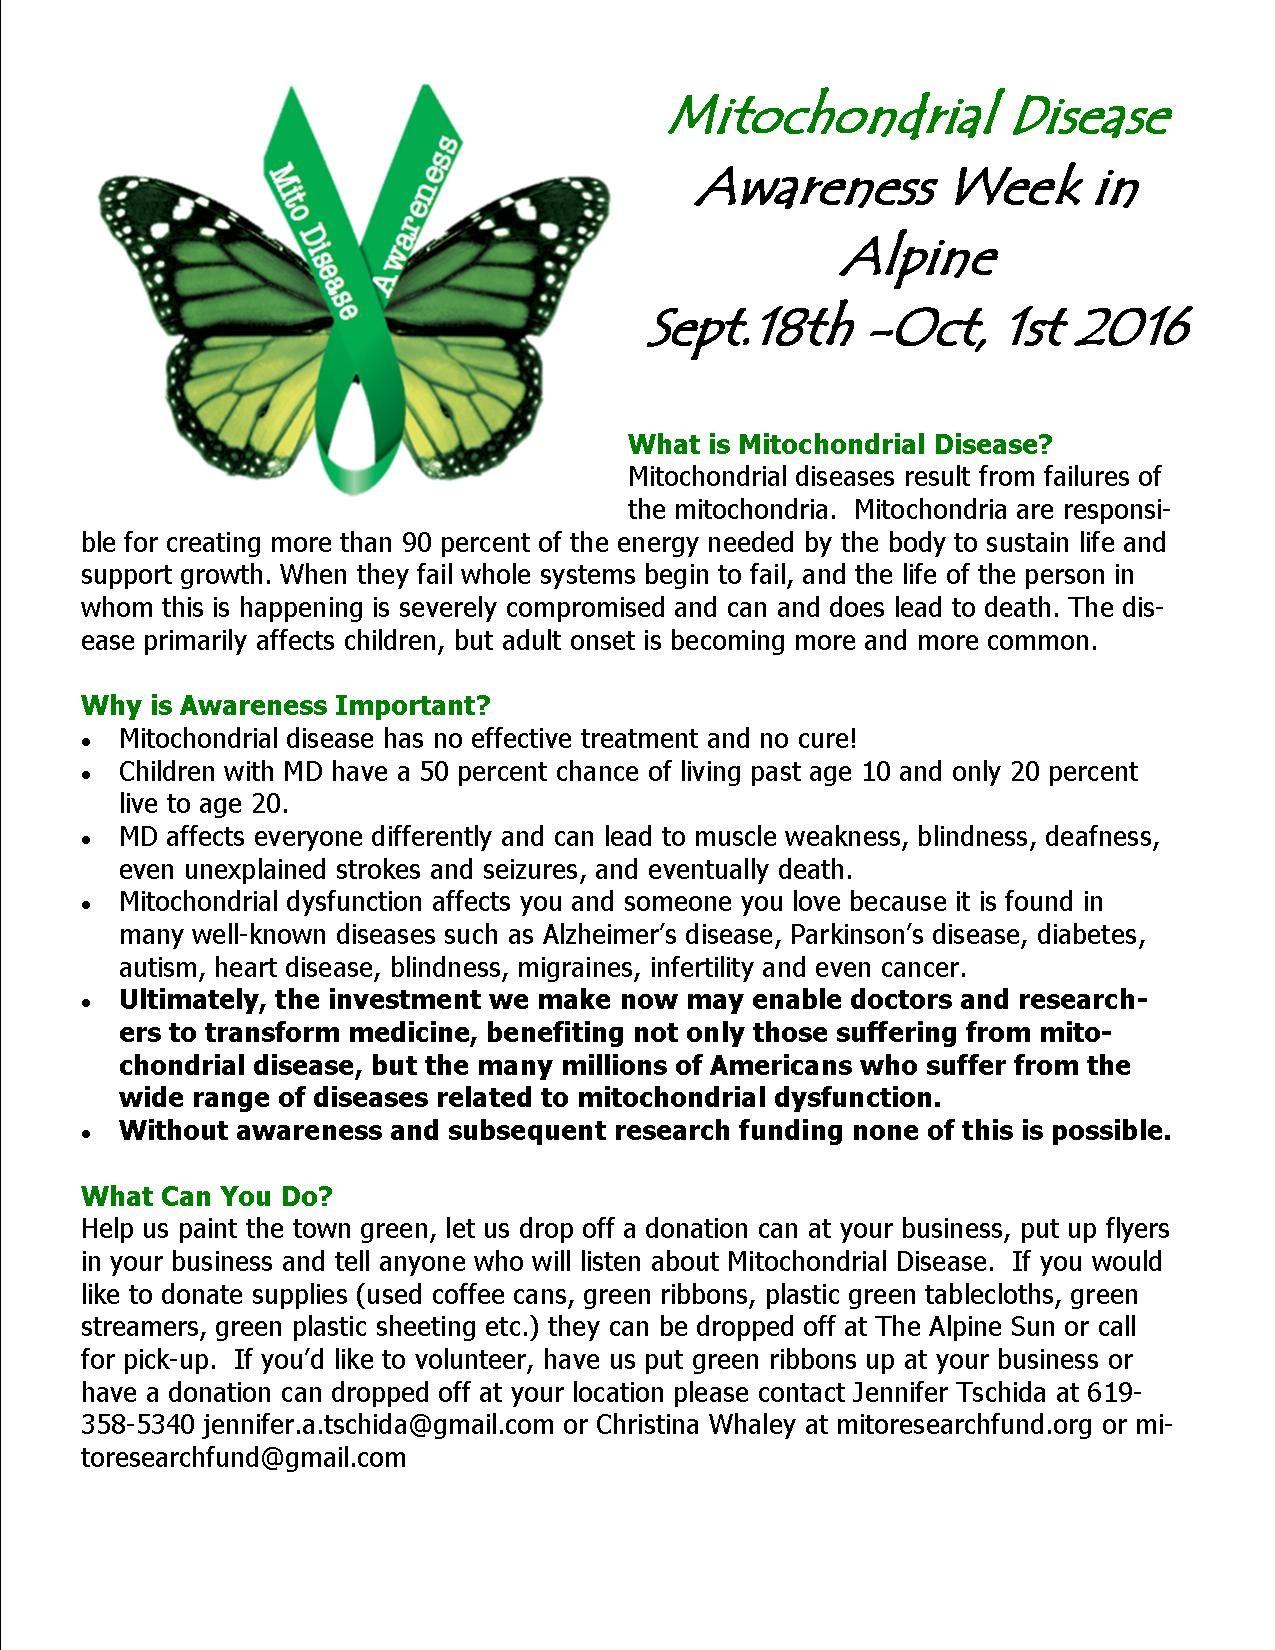 MITO-Awareness-week-invite-1.jpg